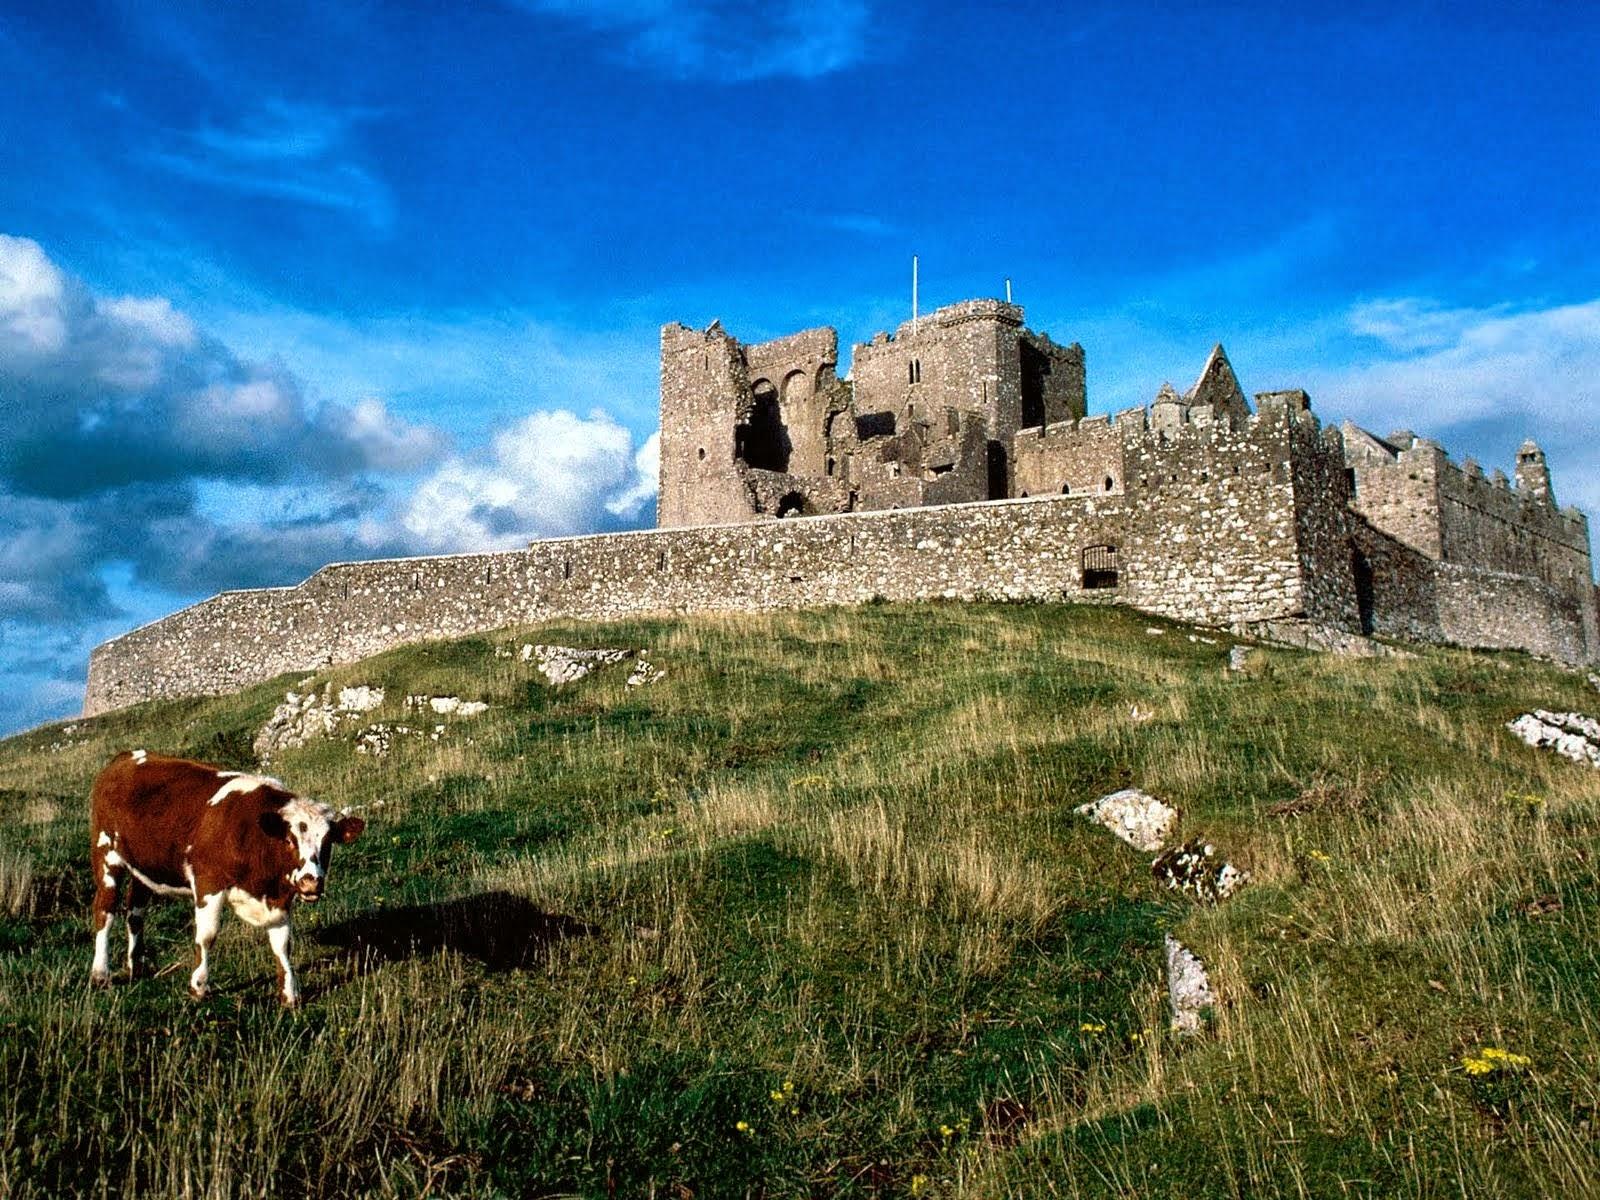 CASTLE HD WALLPAPERS | FREE HD WALLPAPERS Ireland Castle Wallpaper